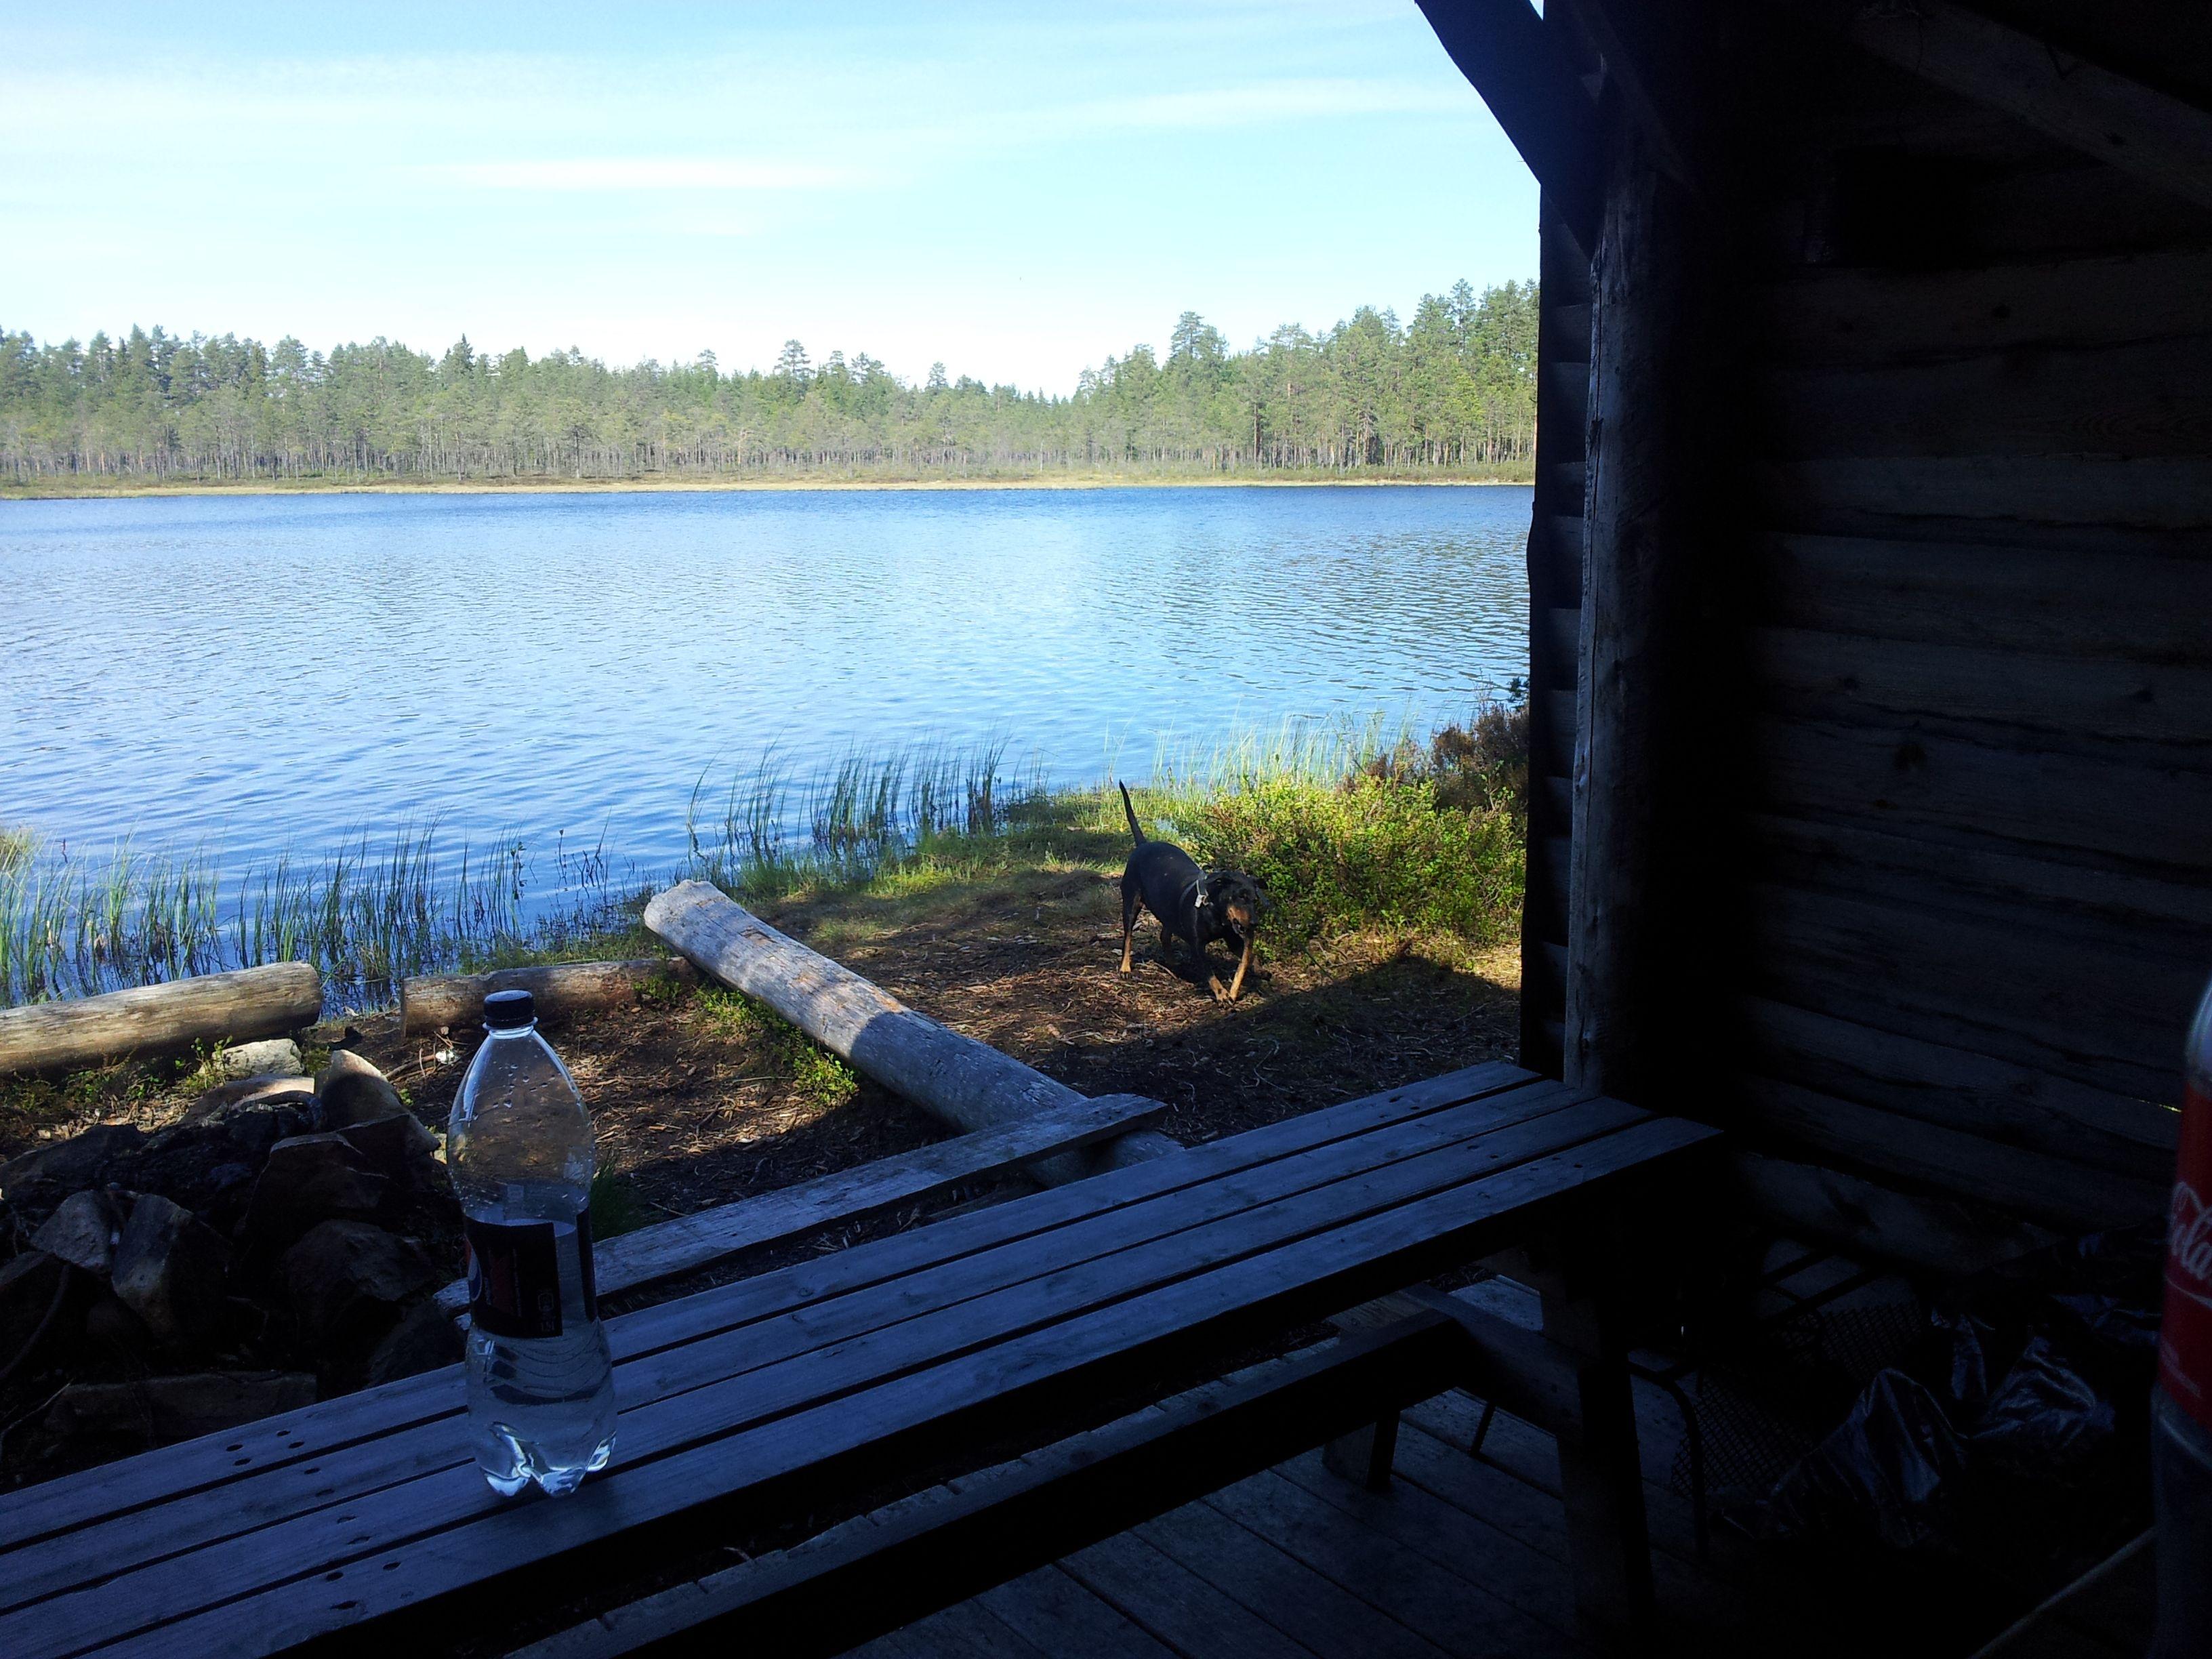 kart ut no Jøstjernet. #Tjennrunden. #Mosjømarka. #Løten. #Gapahuken #Sverres  kart ut no